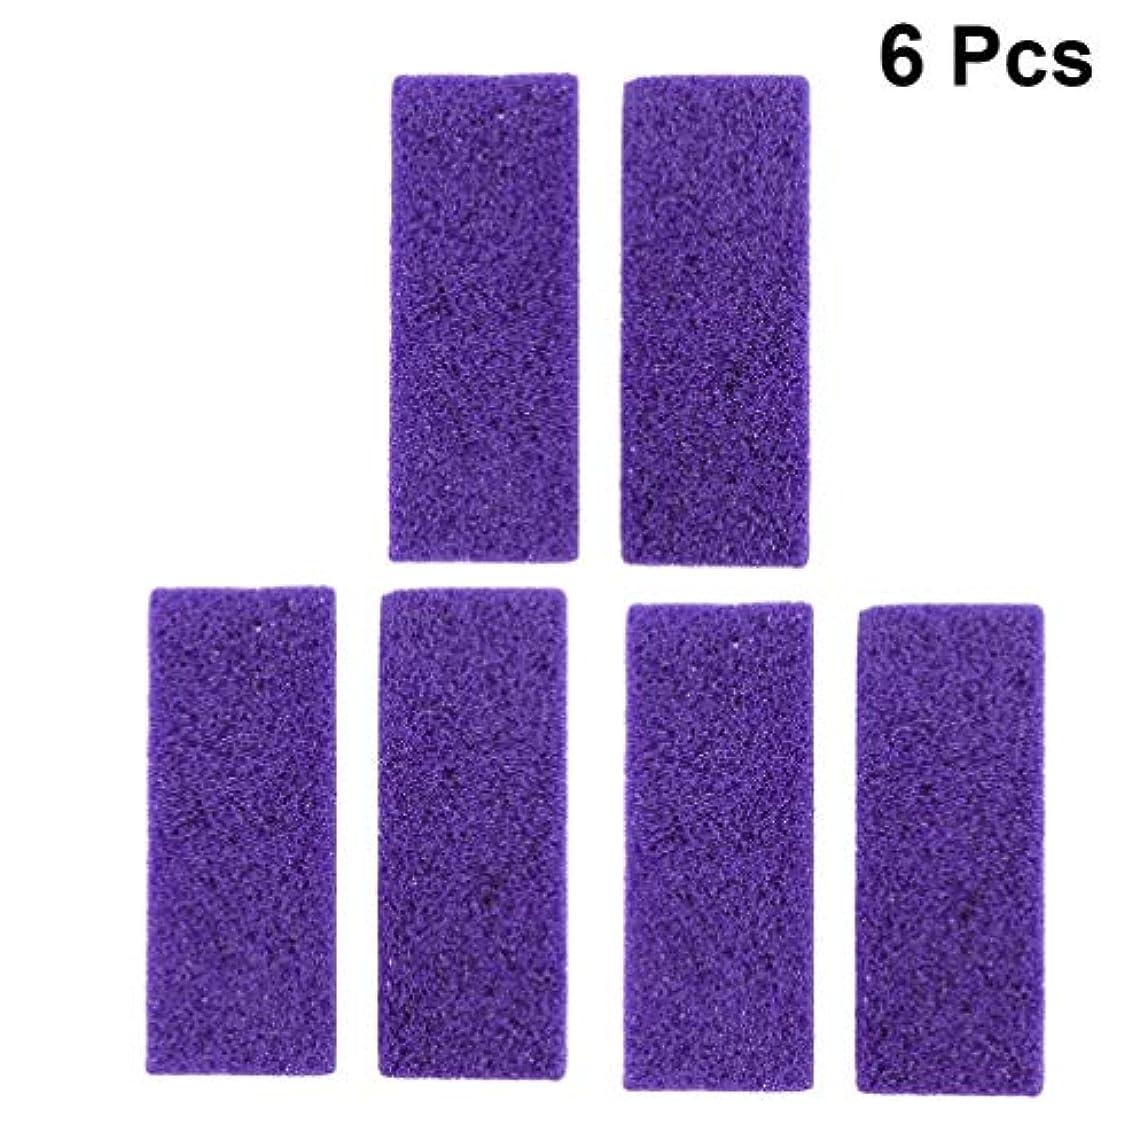 立ち向かう終了する最近Heallily 6ピース天然軽石石紫フットケアツールカルスリムーバーペディキュアツール用ハードスキンデッドスキン